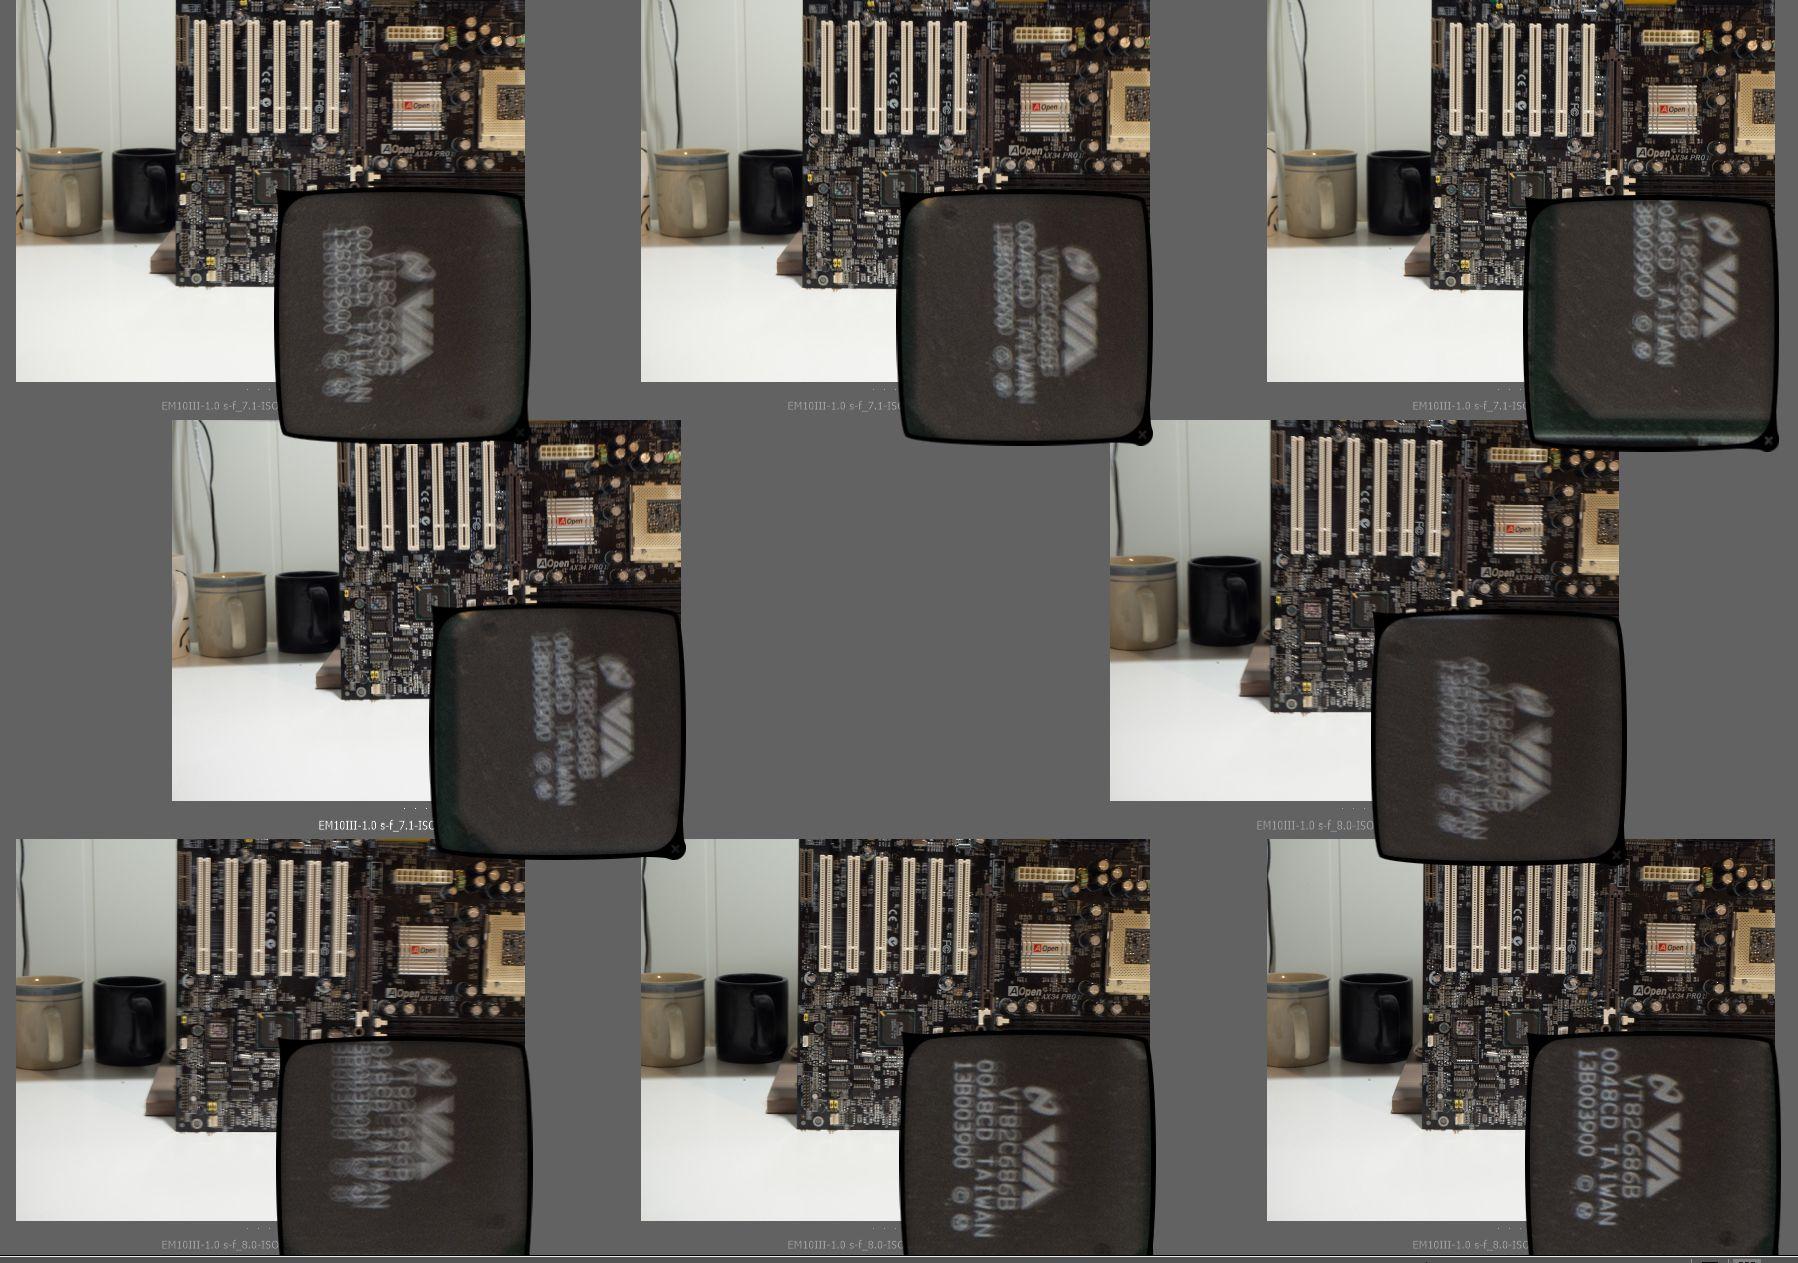 Bildene er tatt håndholdt, med støtte for albuene, med en lukkertid på 1 sekund. Bilde: Montasje